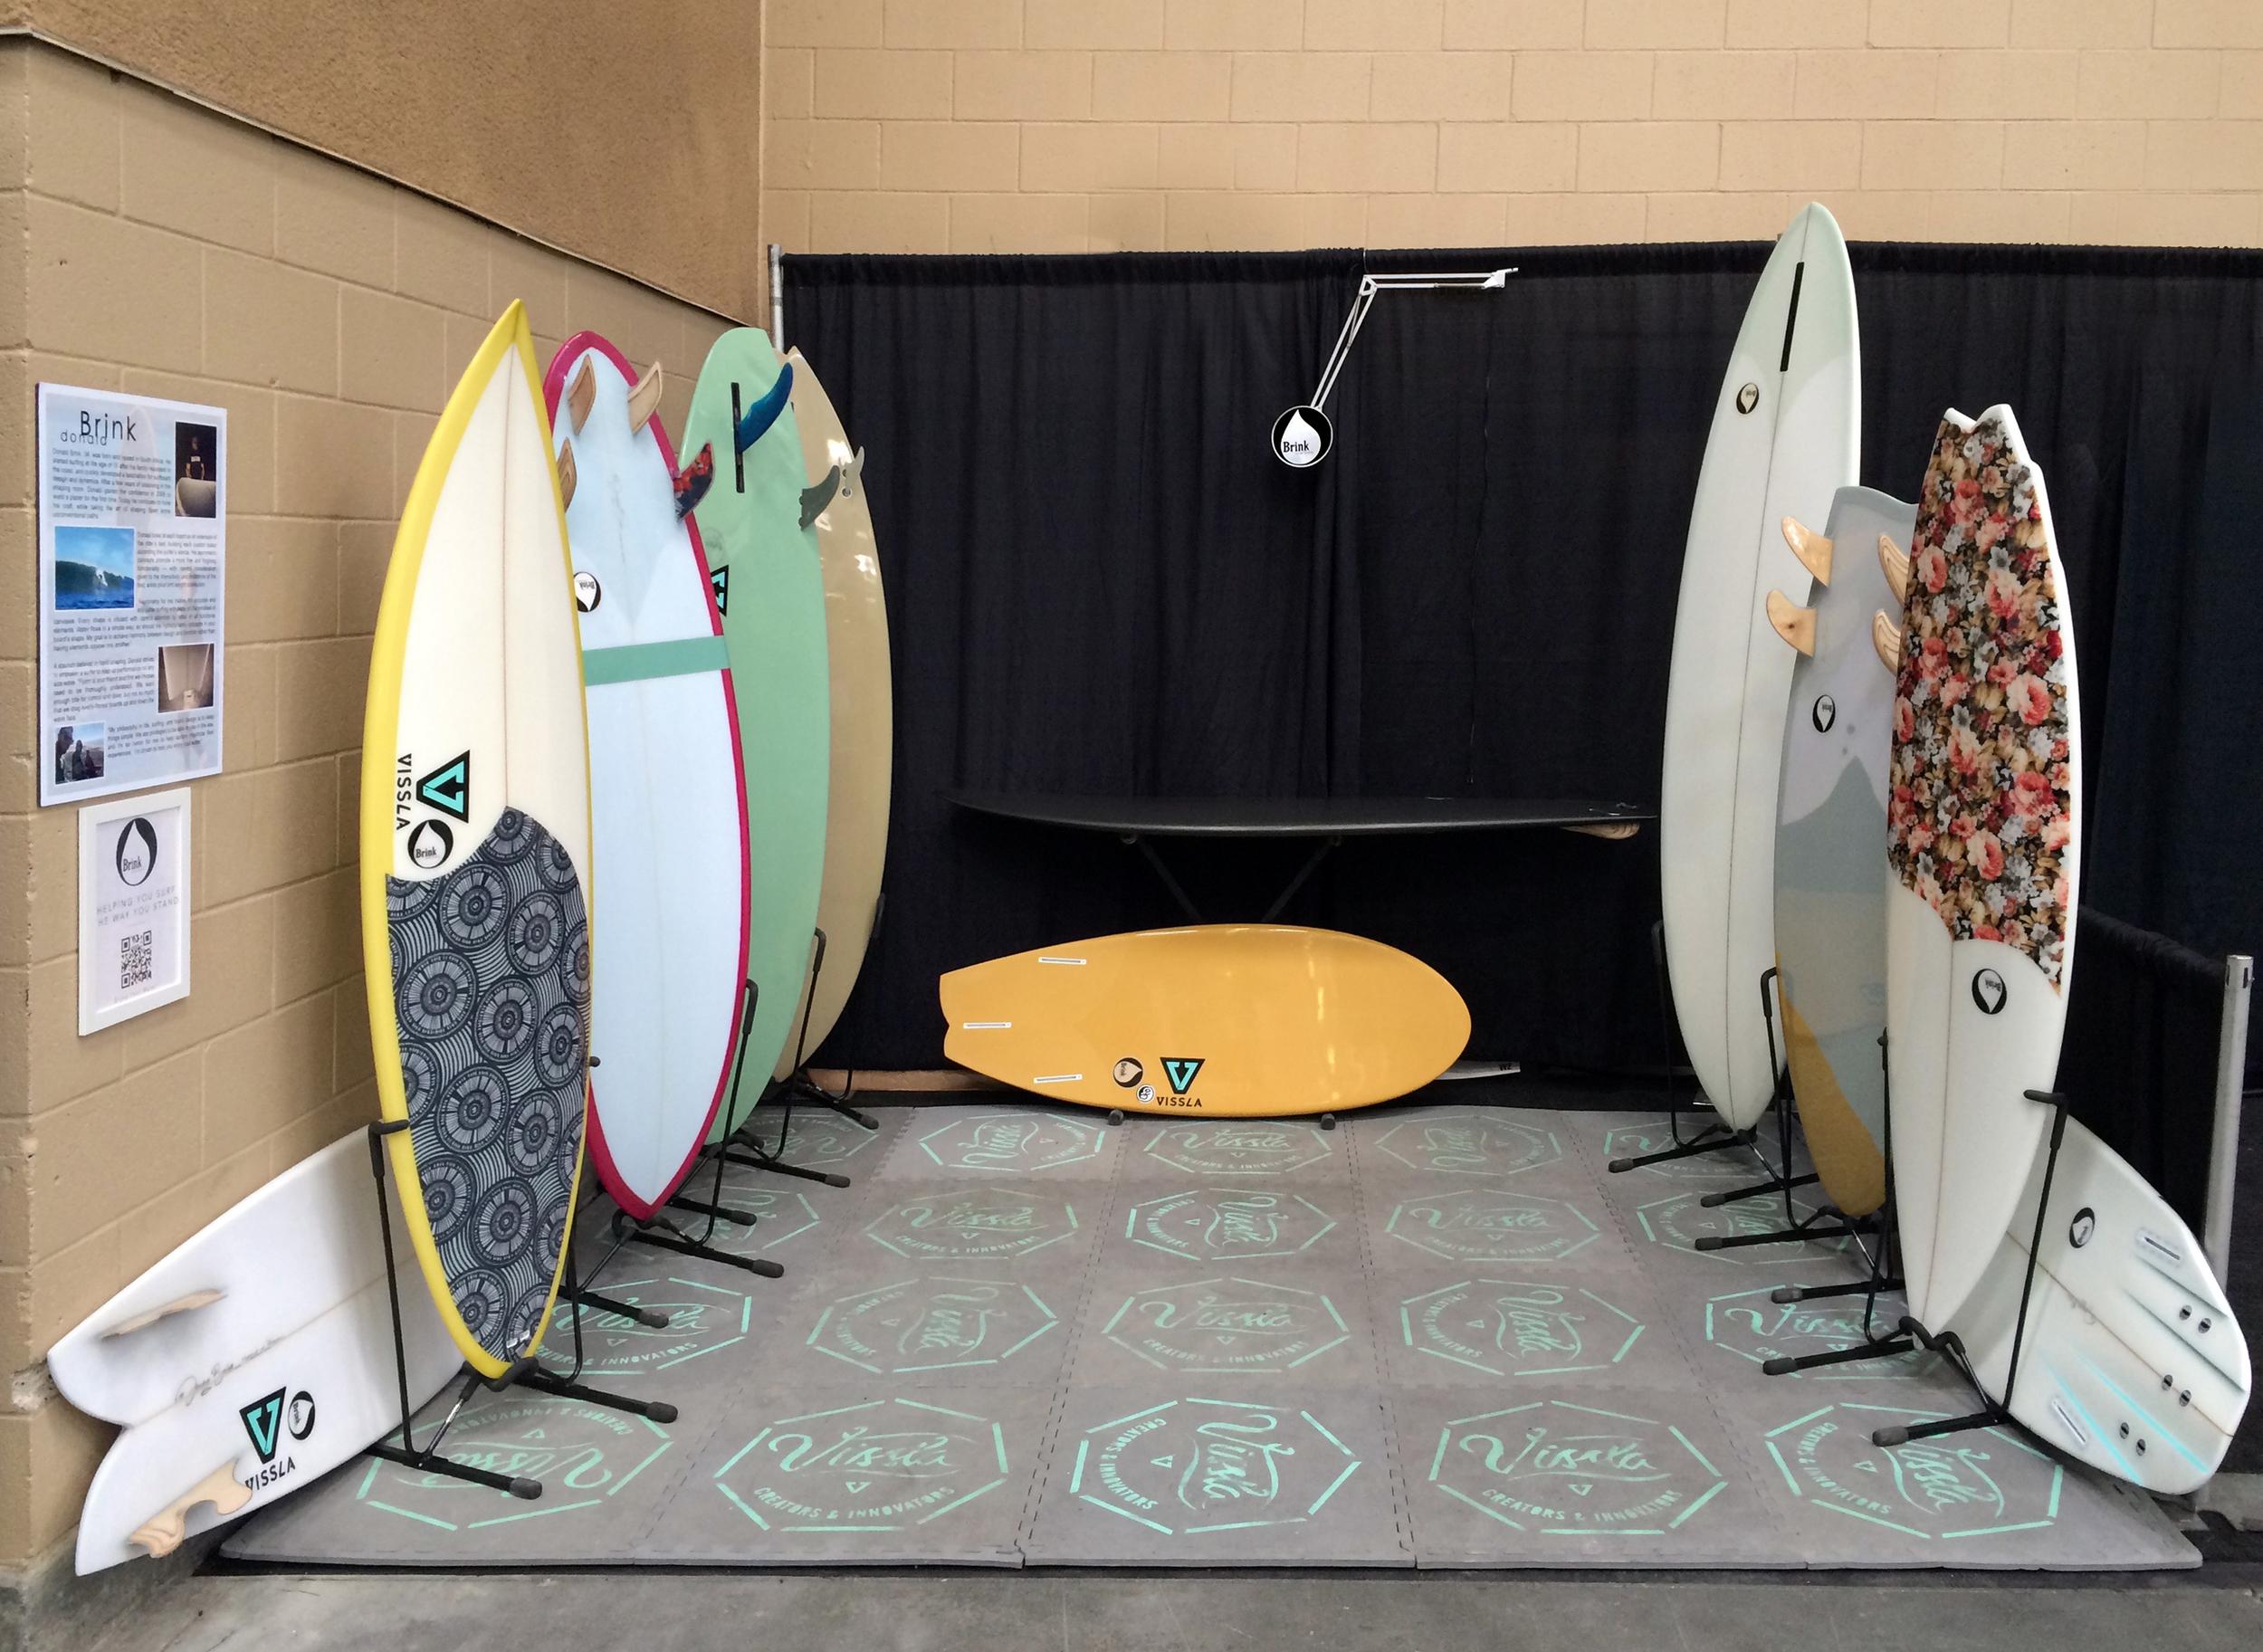 Boardroom show booth 2015 Brink